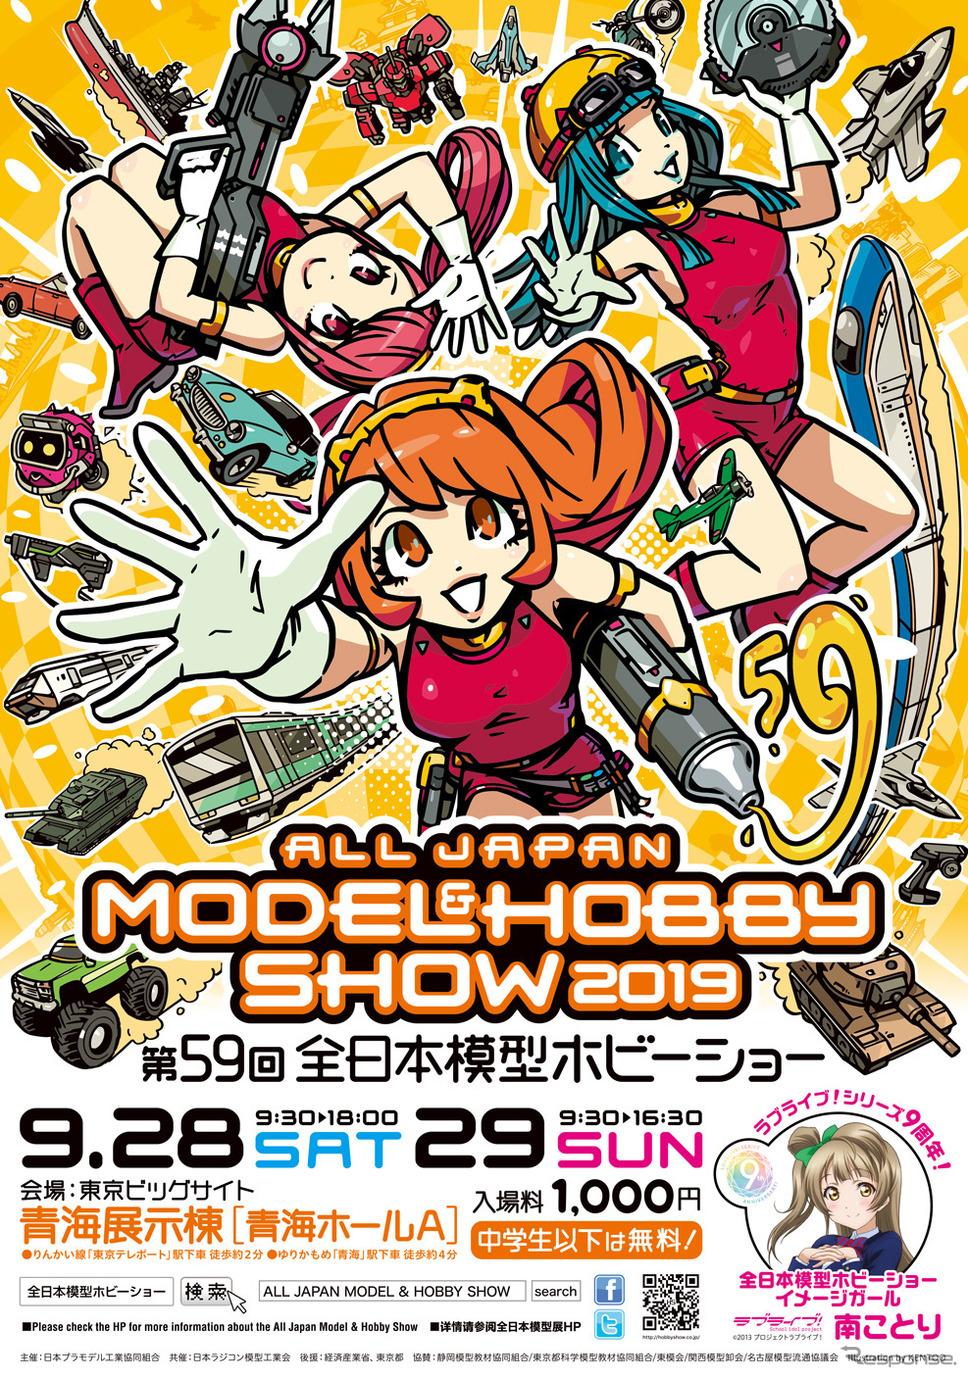 第59回全日本模型ホビーショー《日本プラモデル工業協同組合 / 日本ラジコン模型工業会》